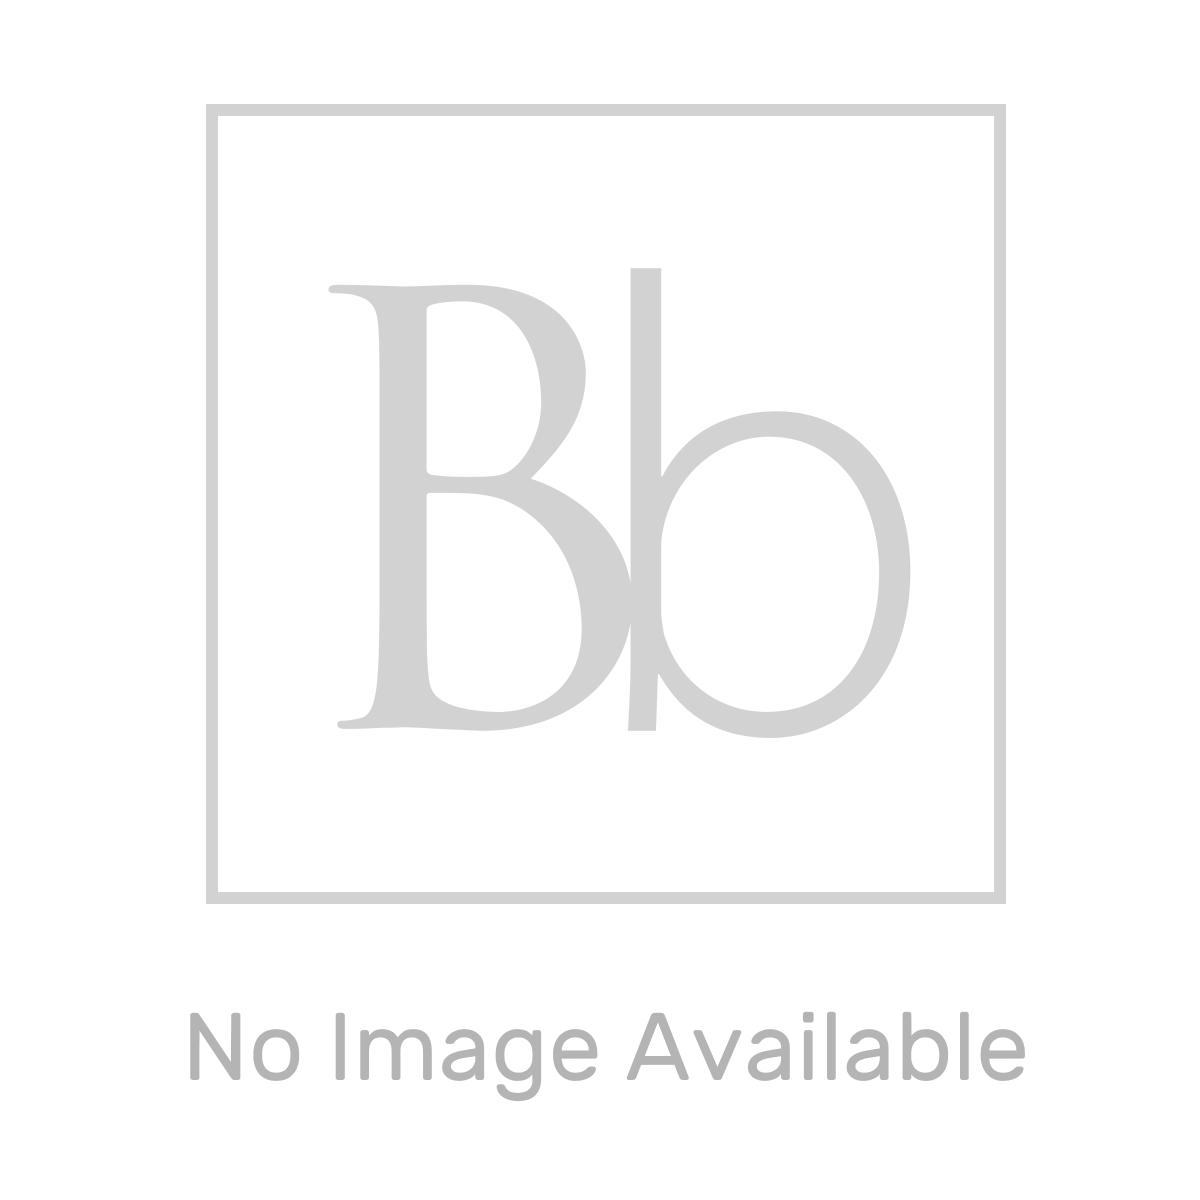 Homelux PVC Quadrant Edge 6mm Soft Cream Tile Trim 2.44m